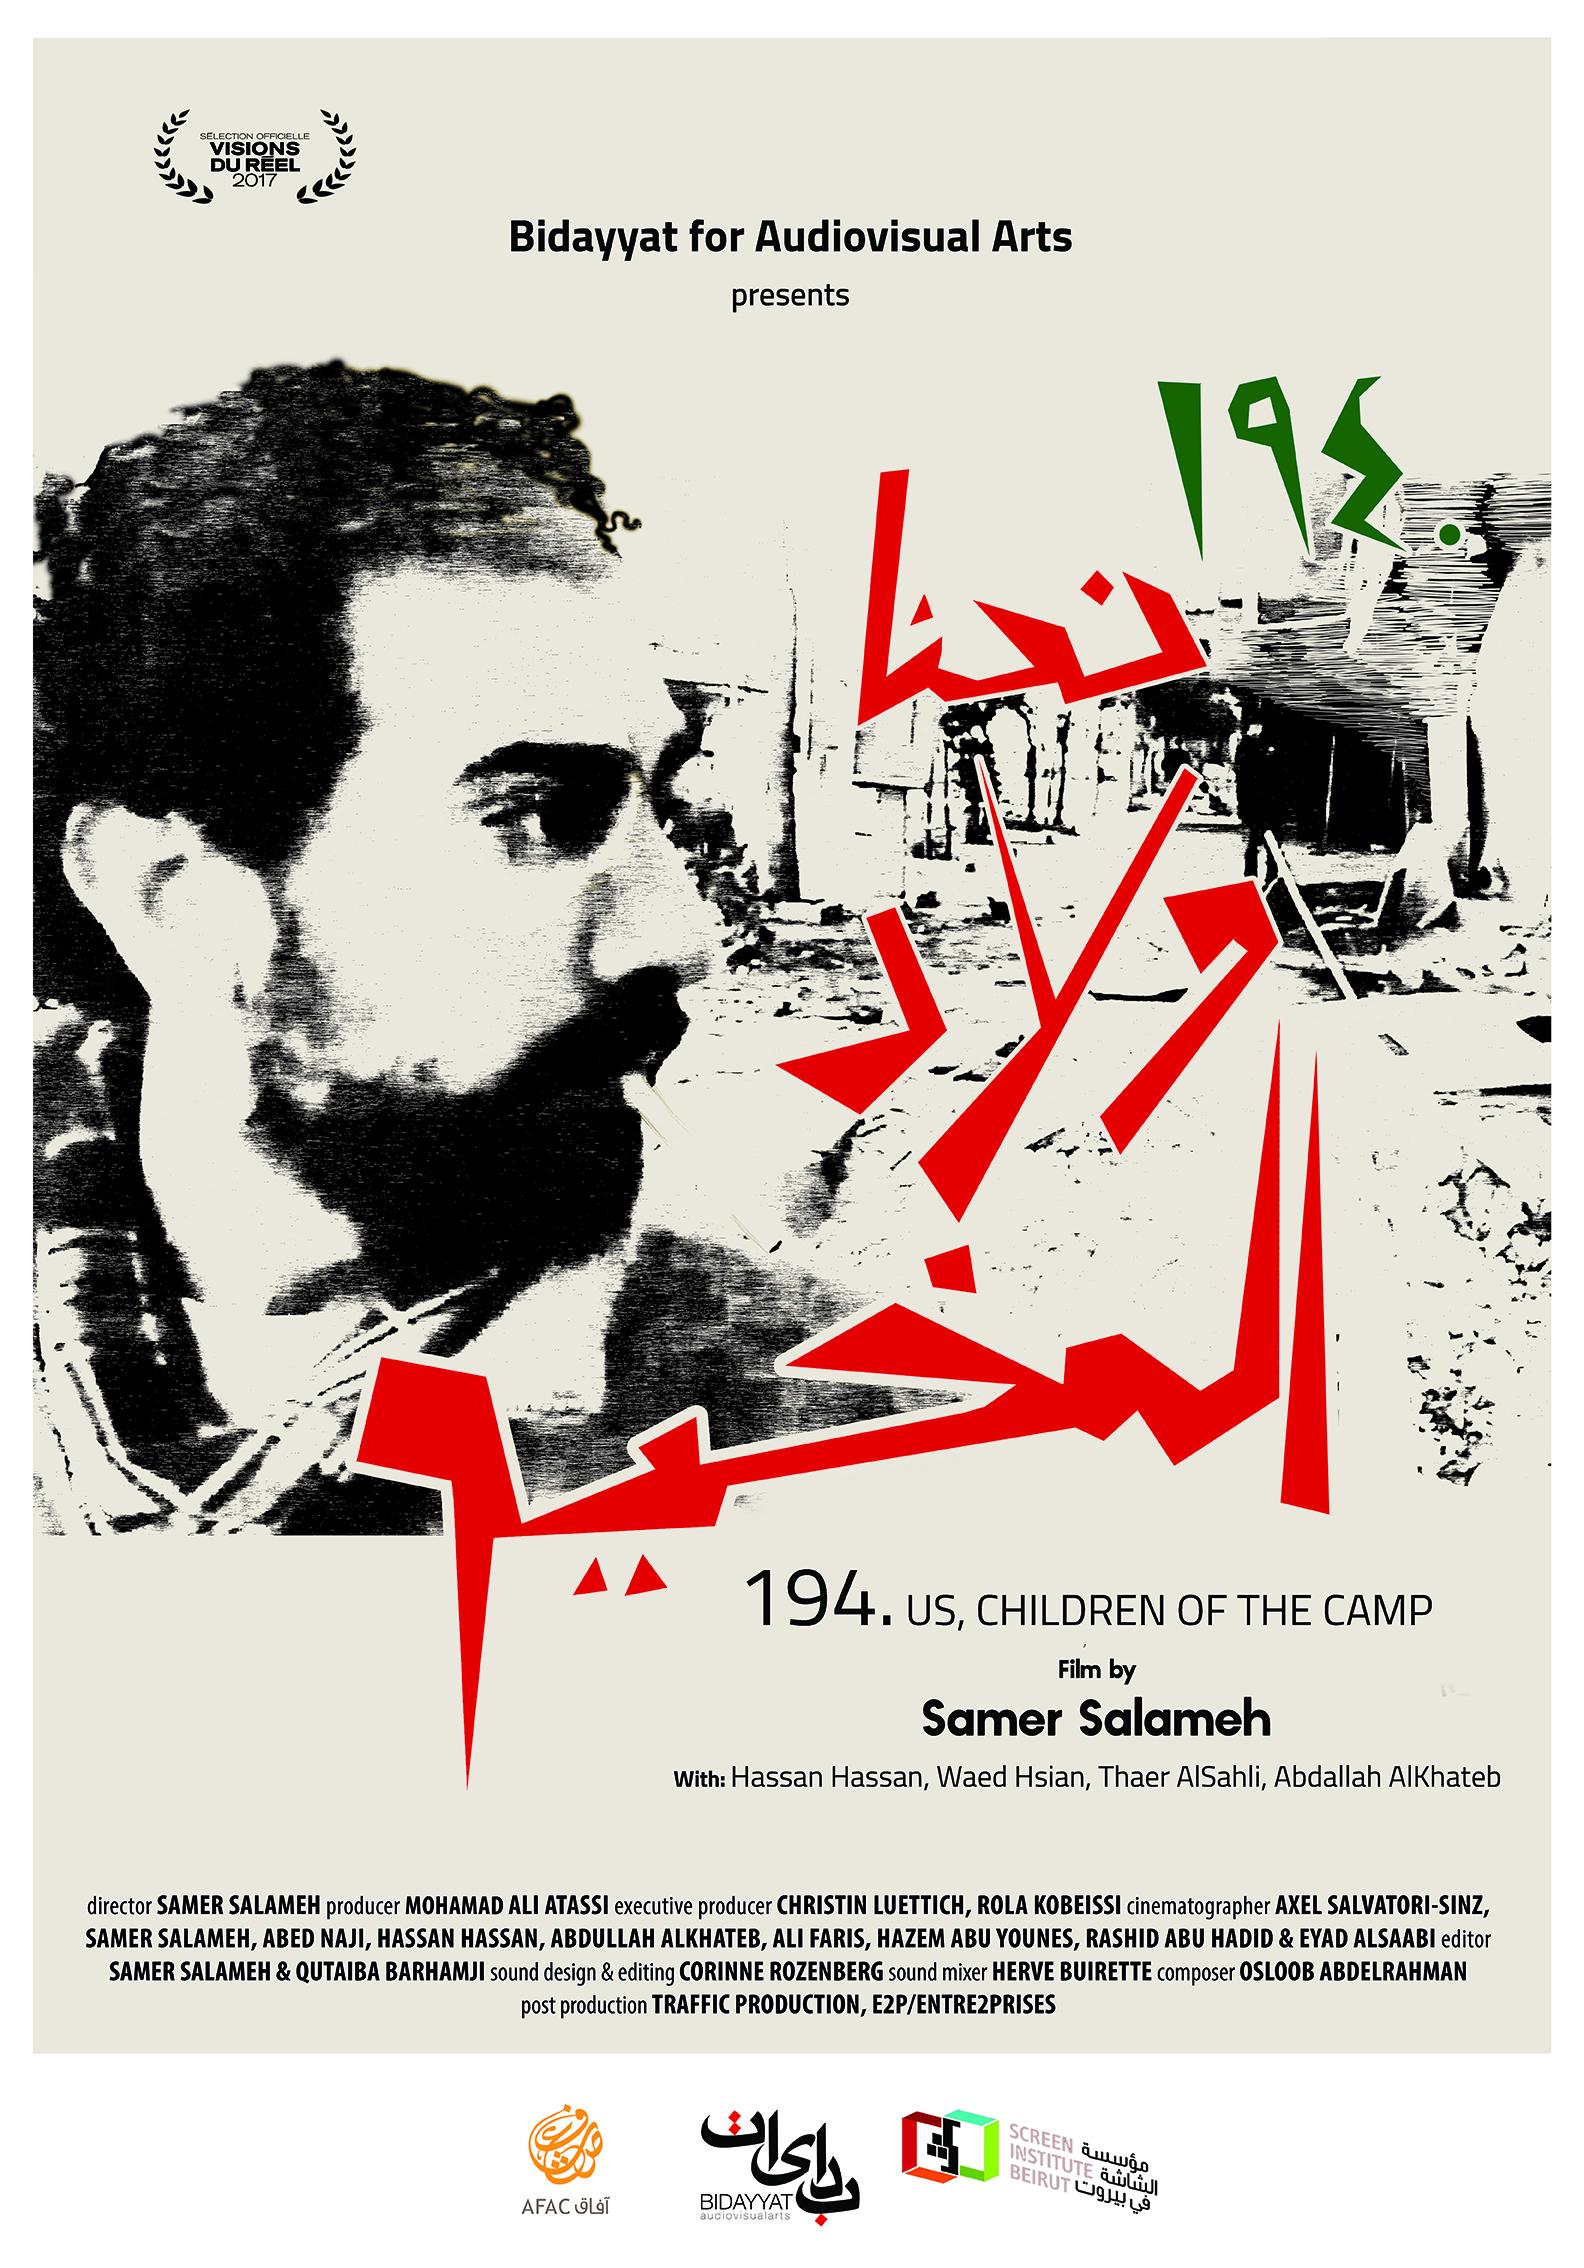 Affiche 194 nous enfants du camp de Samer Salameh